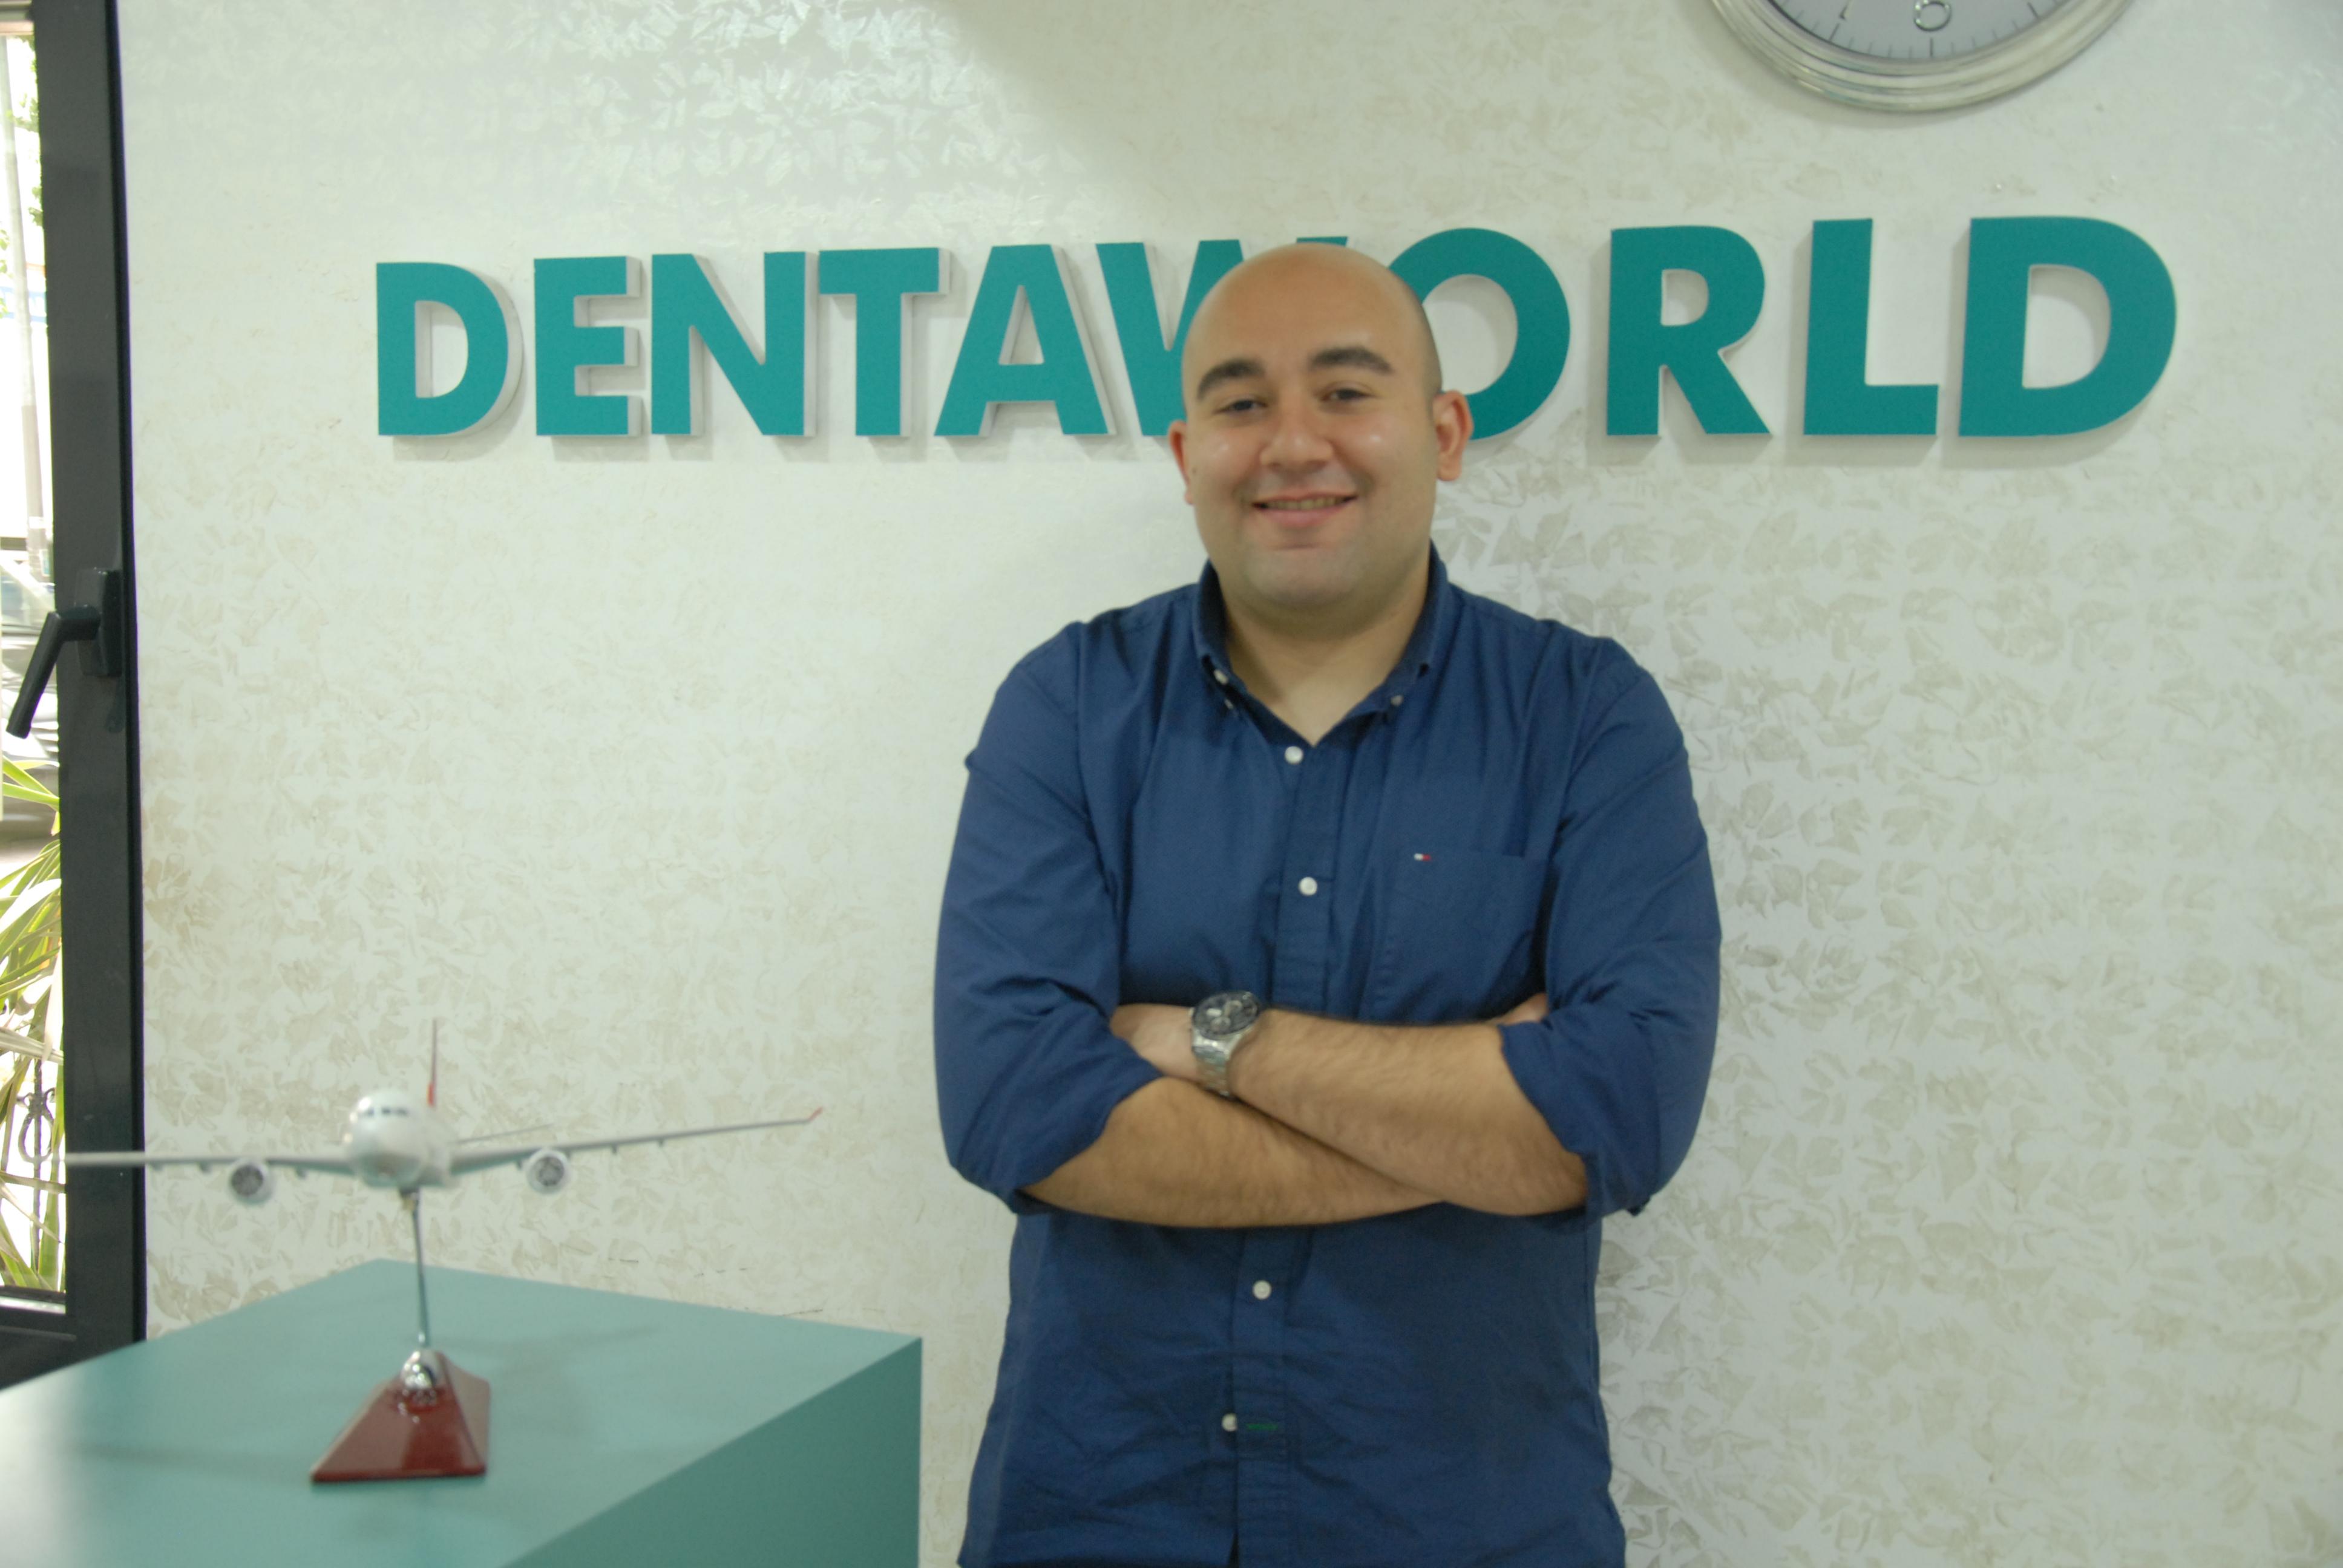 Dr. Onur Uguz